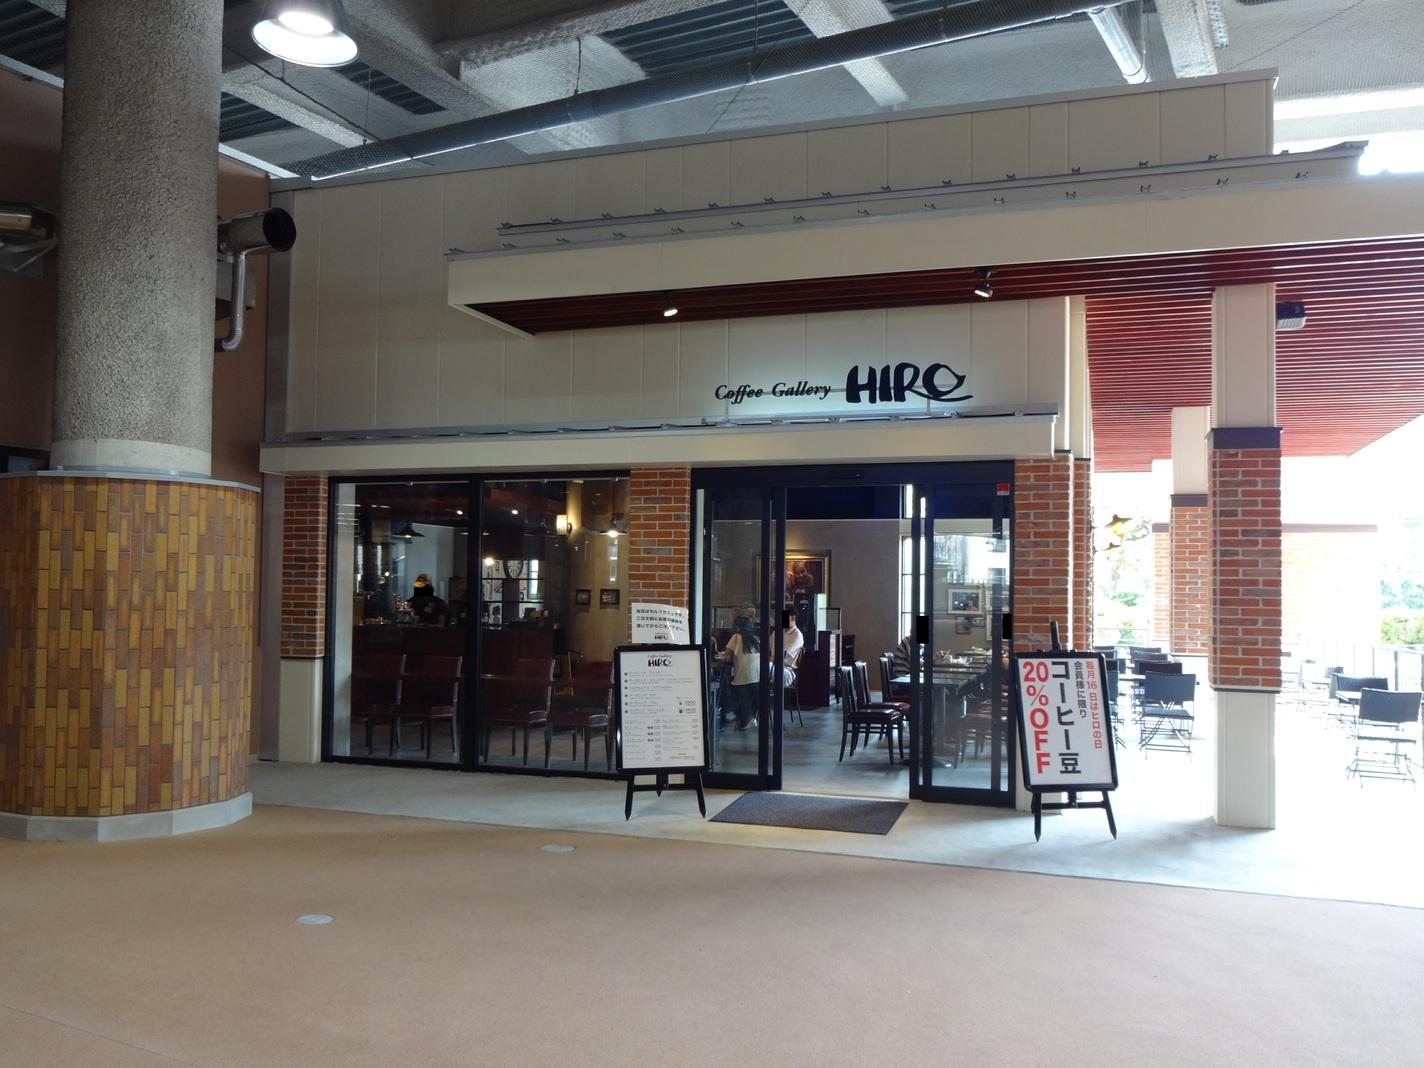 ヒロコーヒー 阪急オアシス石屋川店